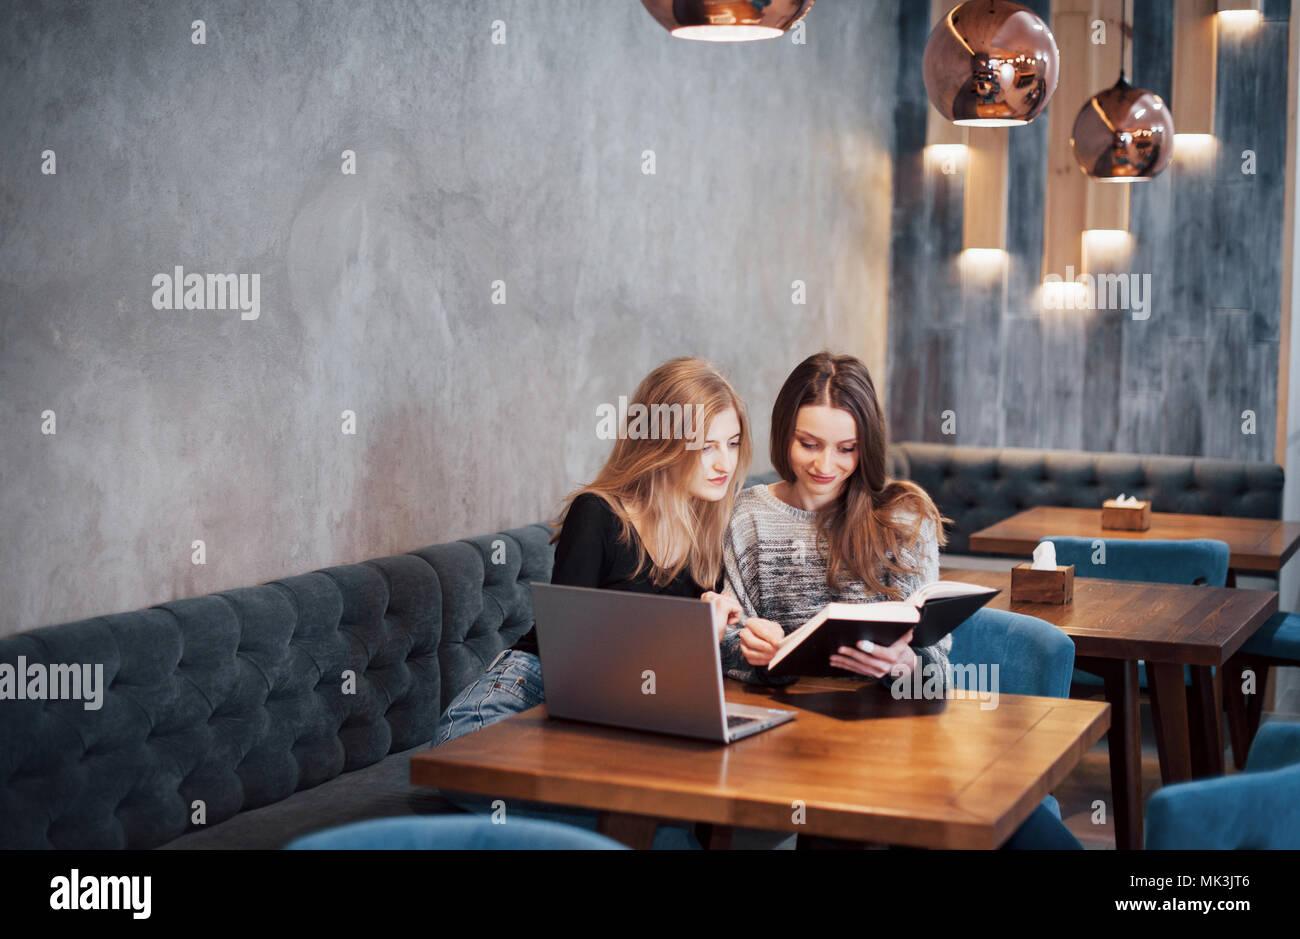 Uno-a-uno de la reunión.Dos jóvenes mujeres de negocios sentado a la mesa en el cafe.colega niña muestra información sobre la pantalla de un ordenador portátil.reunión de amigos, cena juntos.El trabajo en equipo, una reunión de negocios. Los freelancers trabajan Imagen De Stock